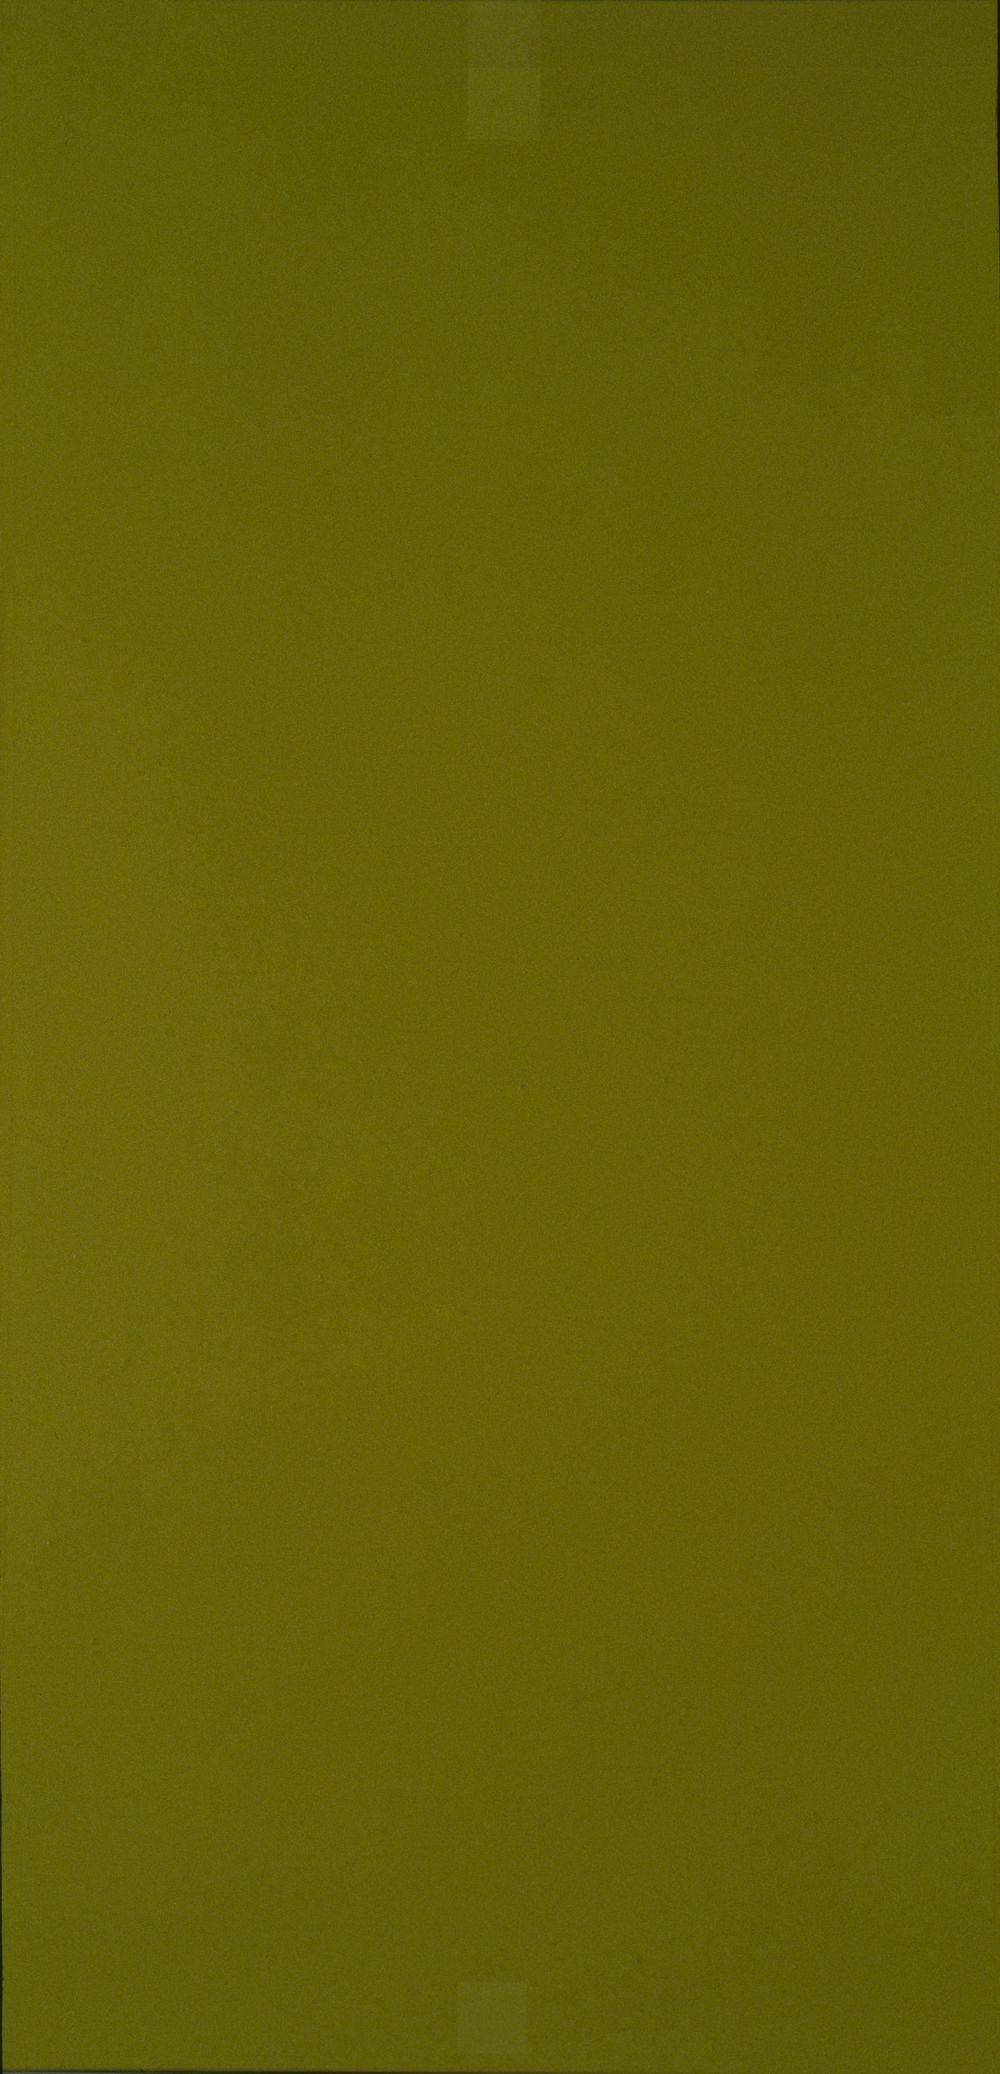 Muuttuvaista (vihreä)